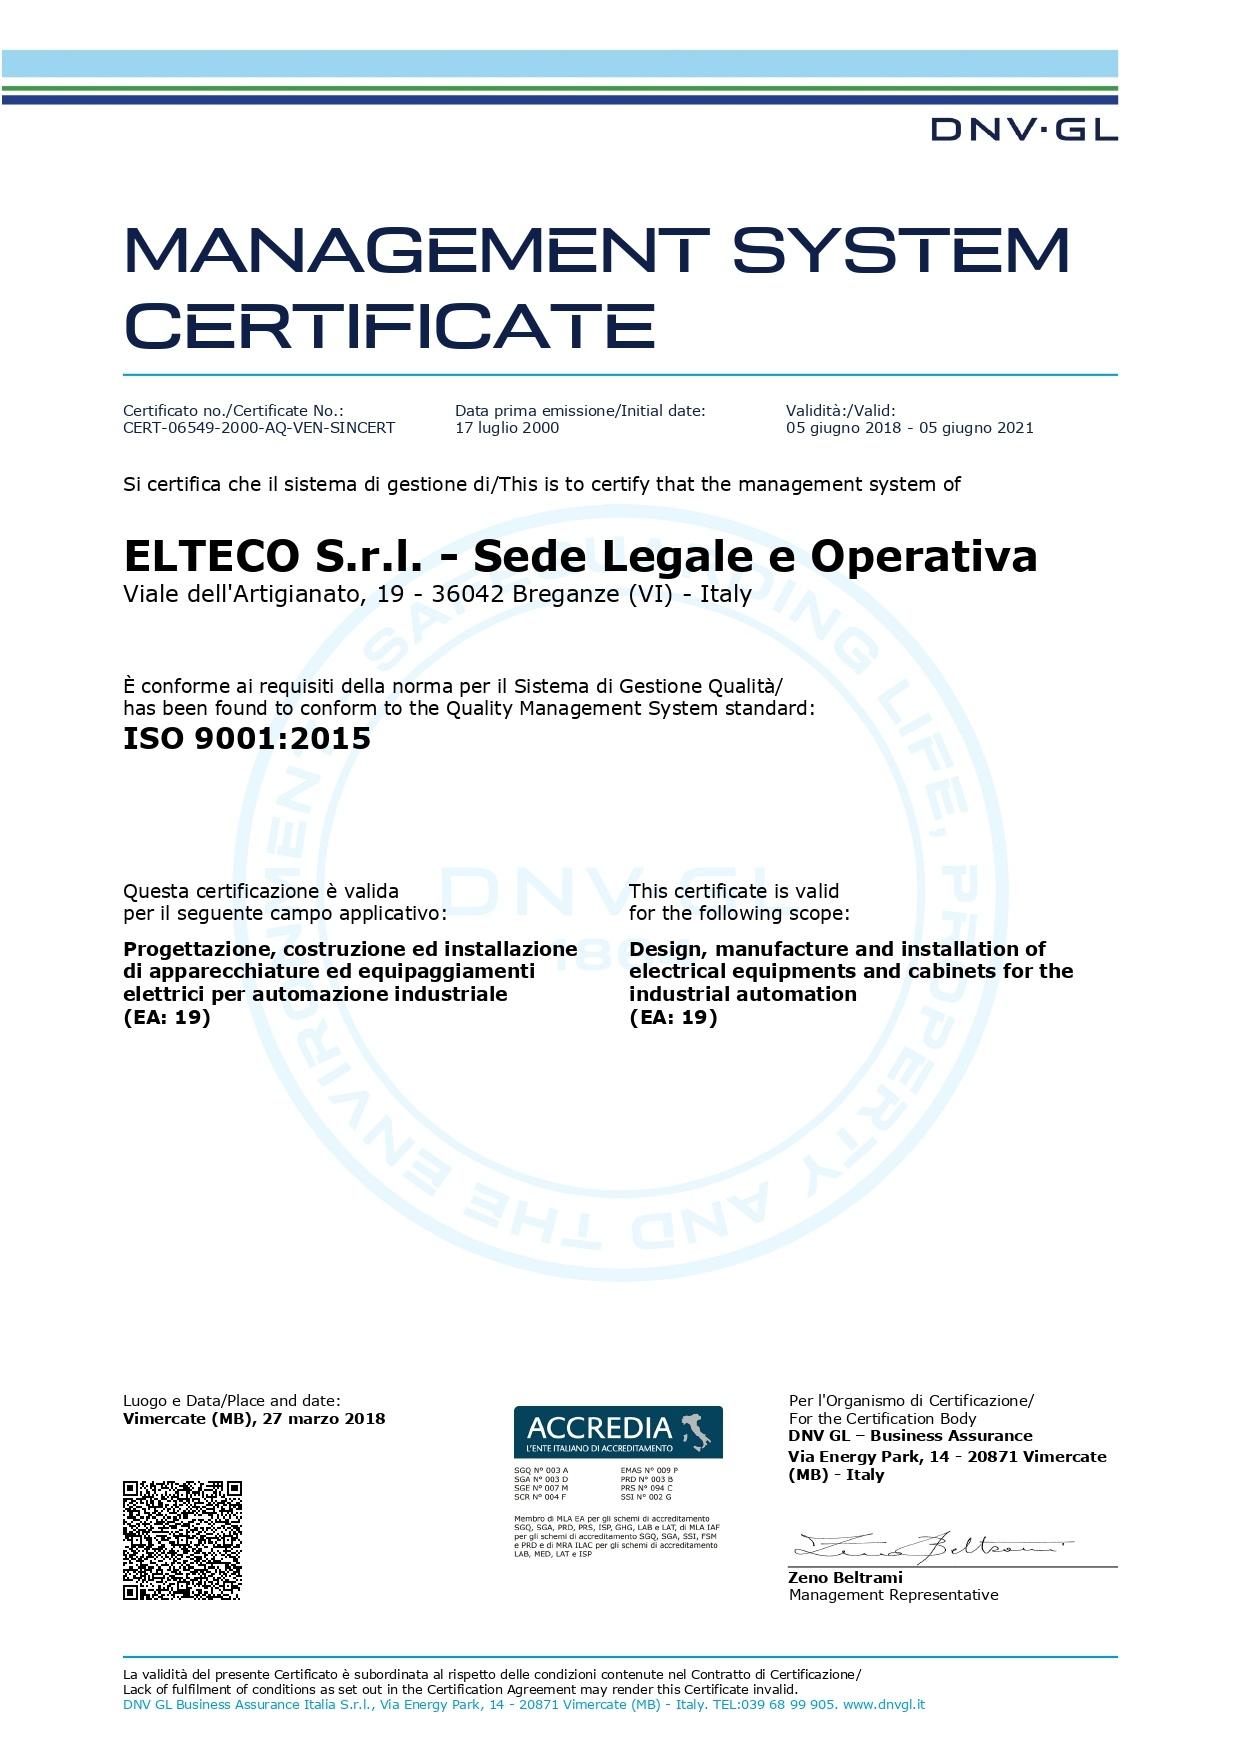 Certificato UNI ISO 9001:2015 di Elteco